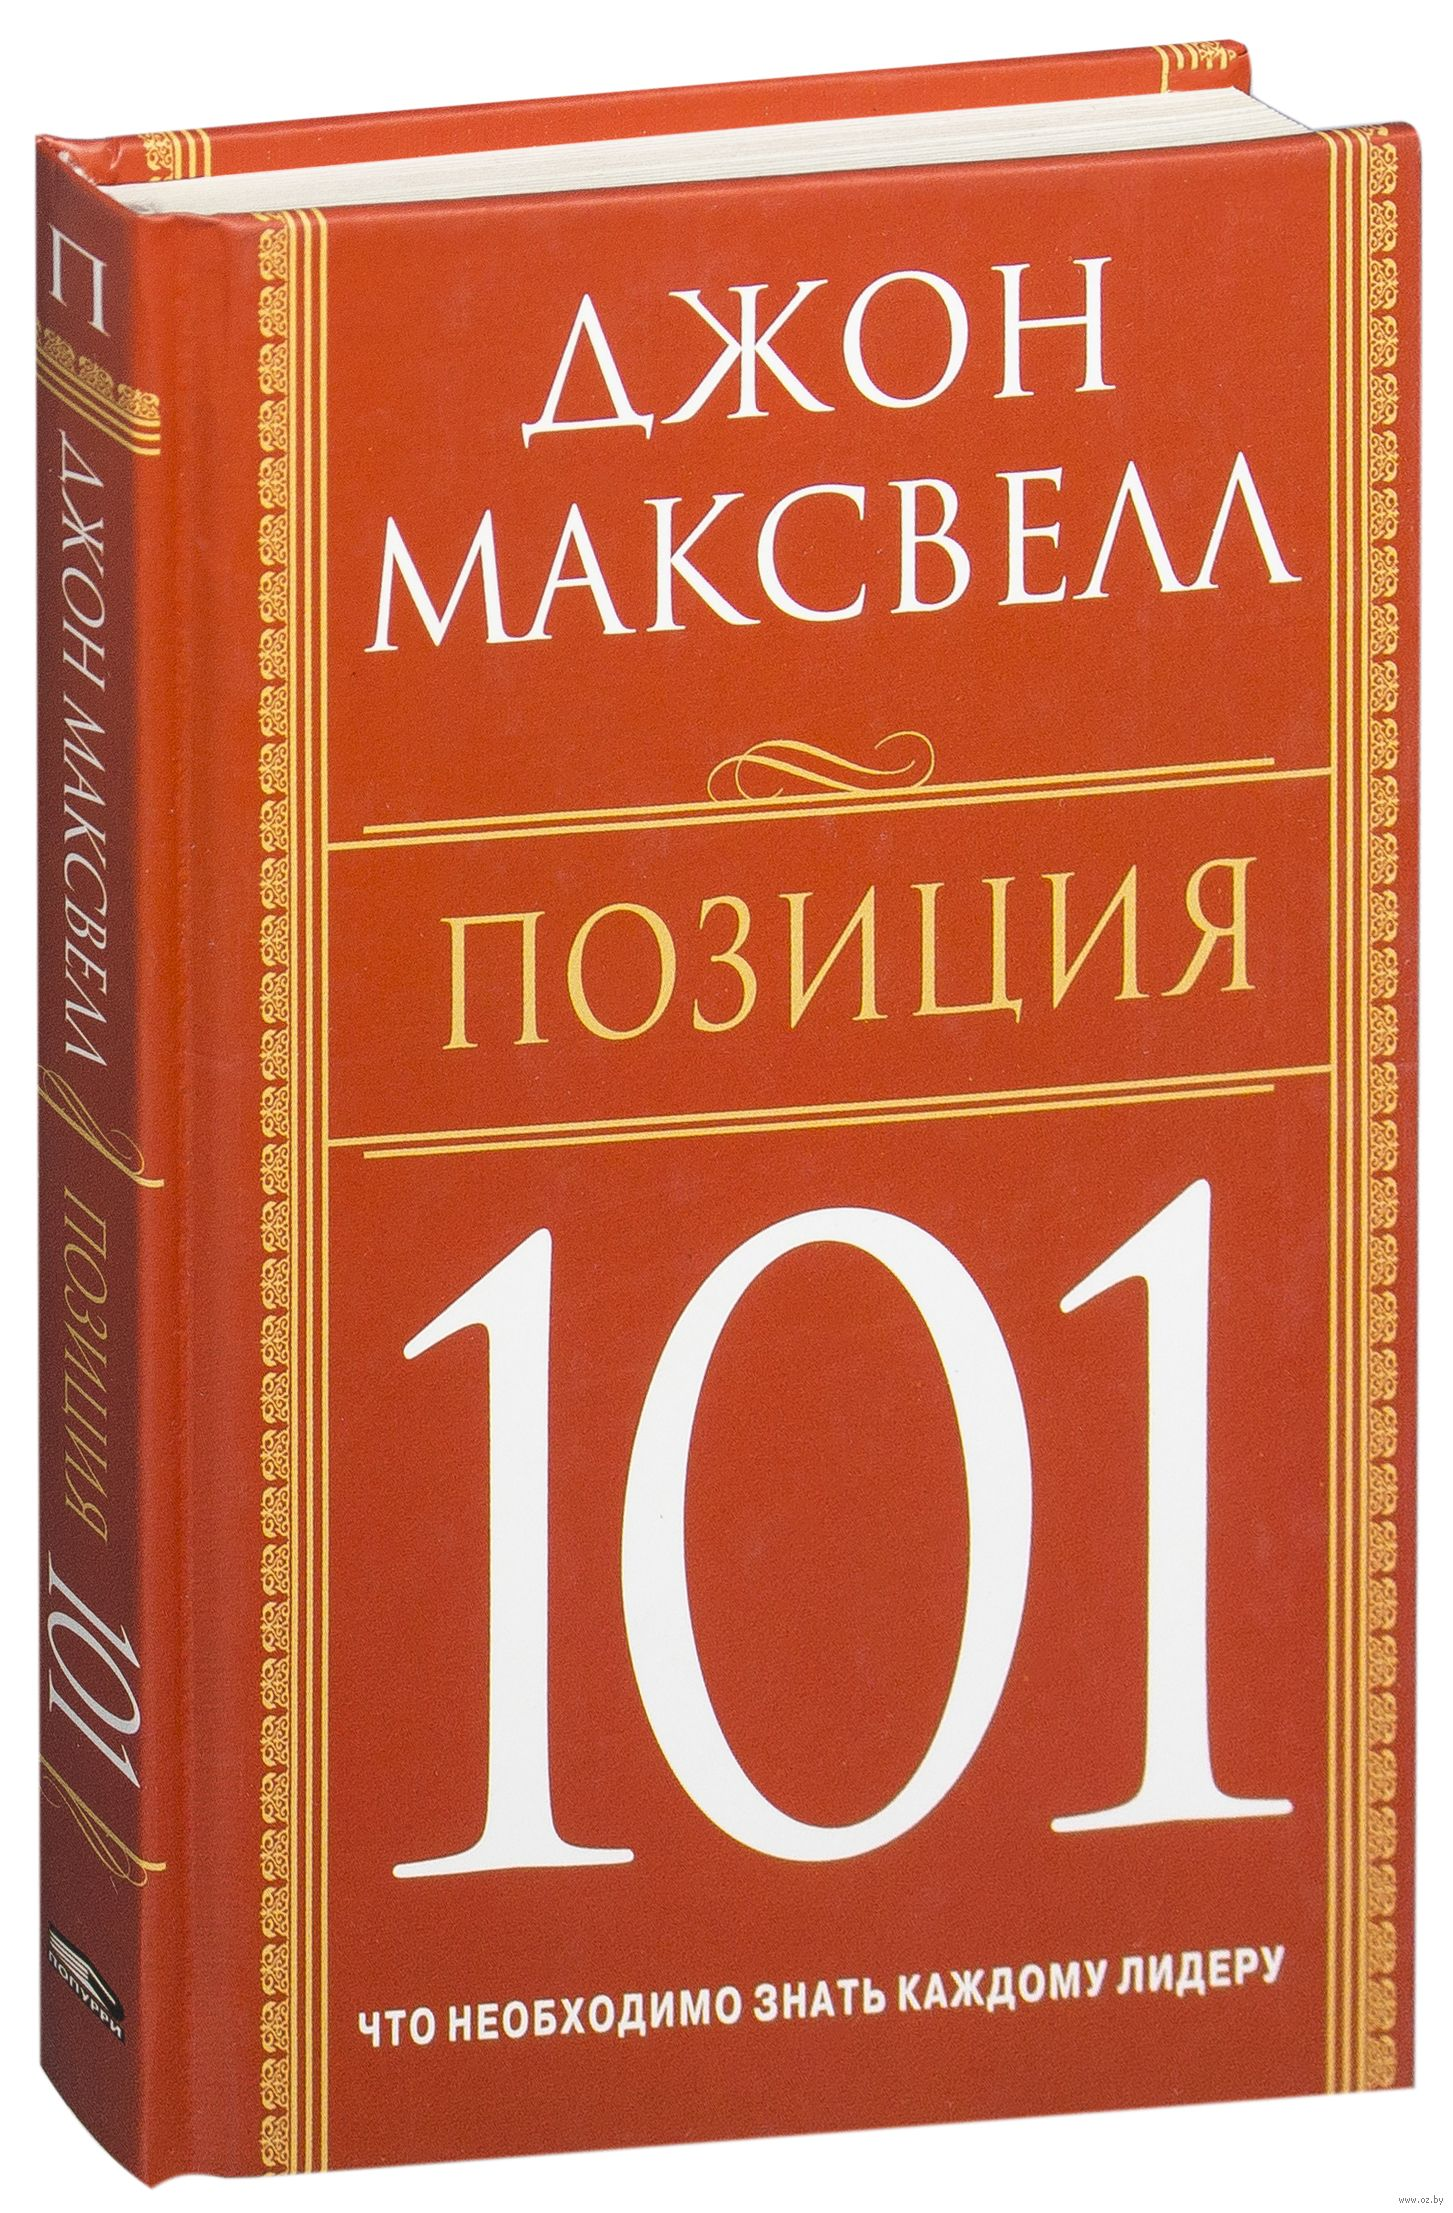 ДЖОН МАКСВЕЛЛ НАСТАВНИЧЕСТВО 101 СКАЧАТЬ БЕСПЛАТНО